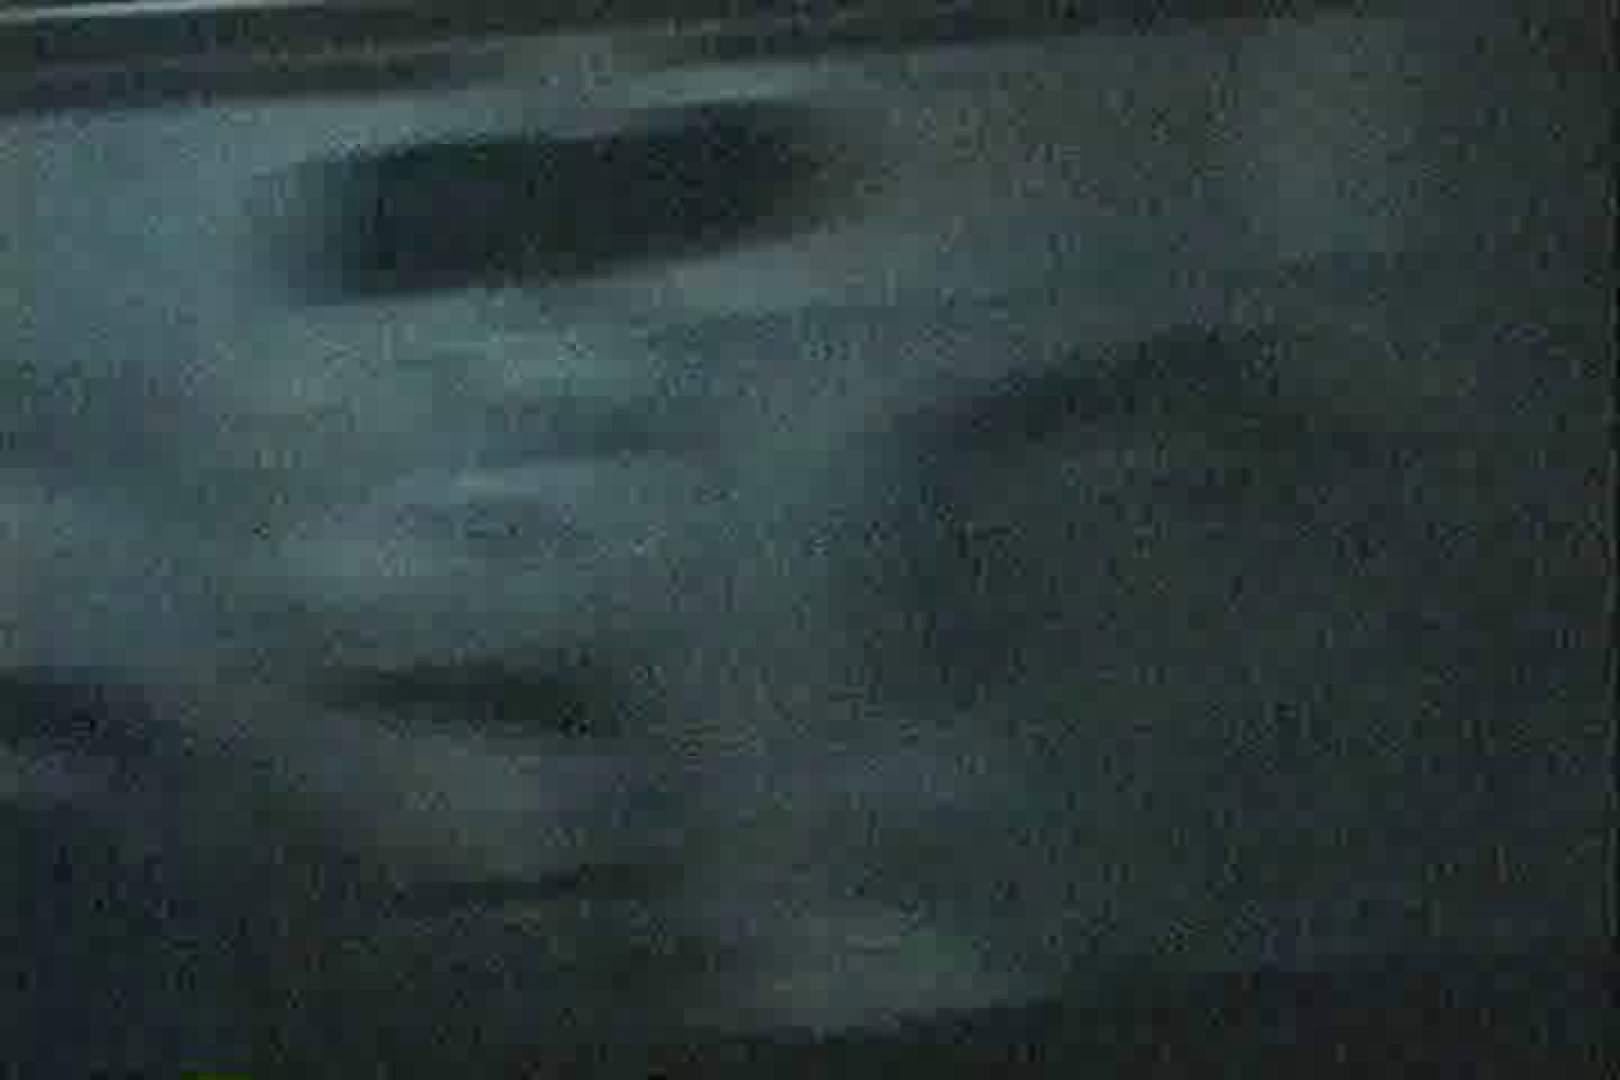 車の中はラブホテル 無修正版  Vol.28 ホテル のぞき動画キャプチャ 99pic 54